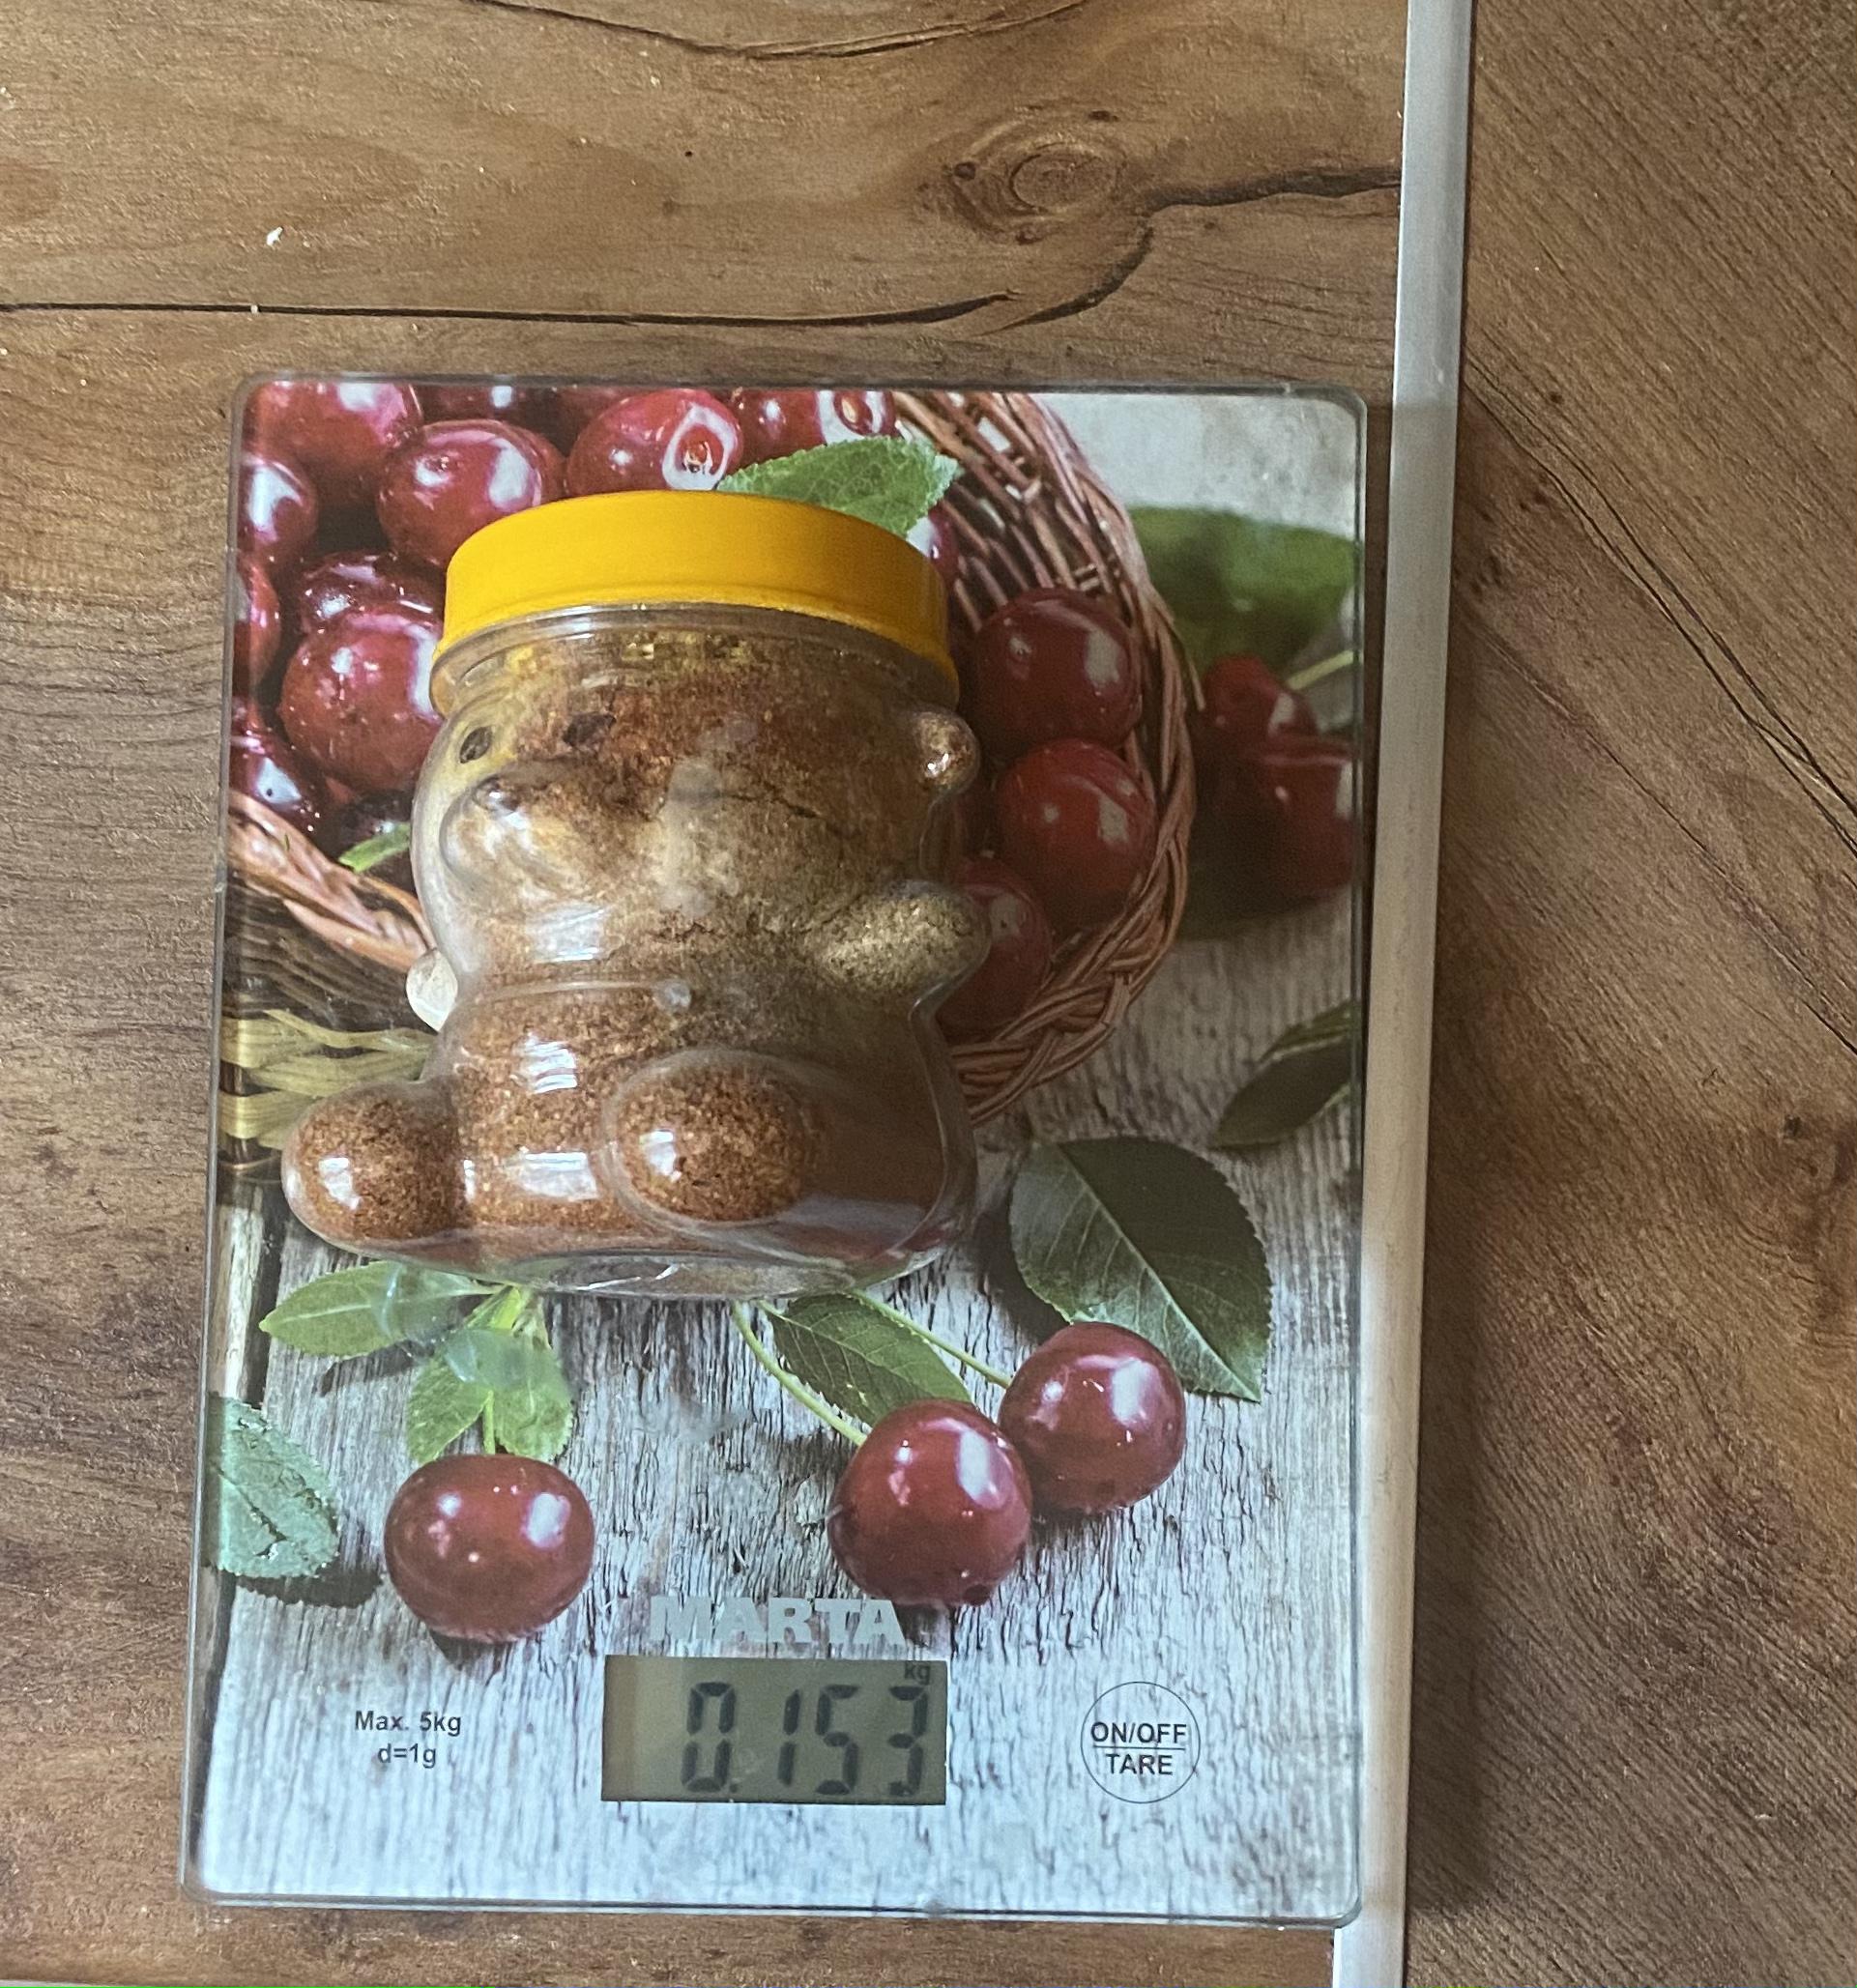 вес приправы для мяса в сувенирной пластиковой упаковке